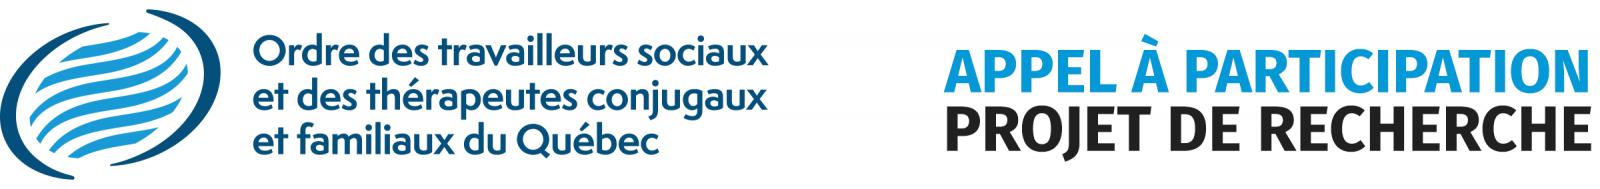 Logo Ordre des travailleurs sociaux et des thérapeutes conjugaux et familiaux du Québec (Projet de recherche)